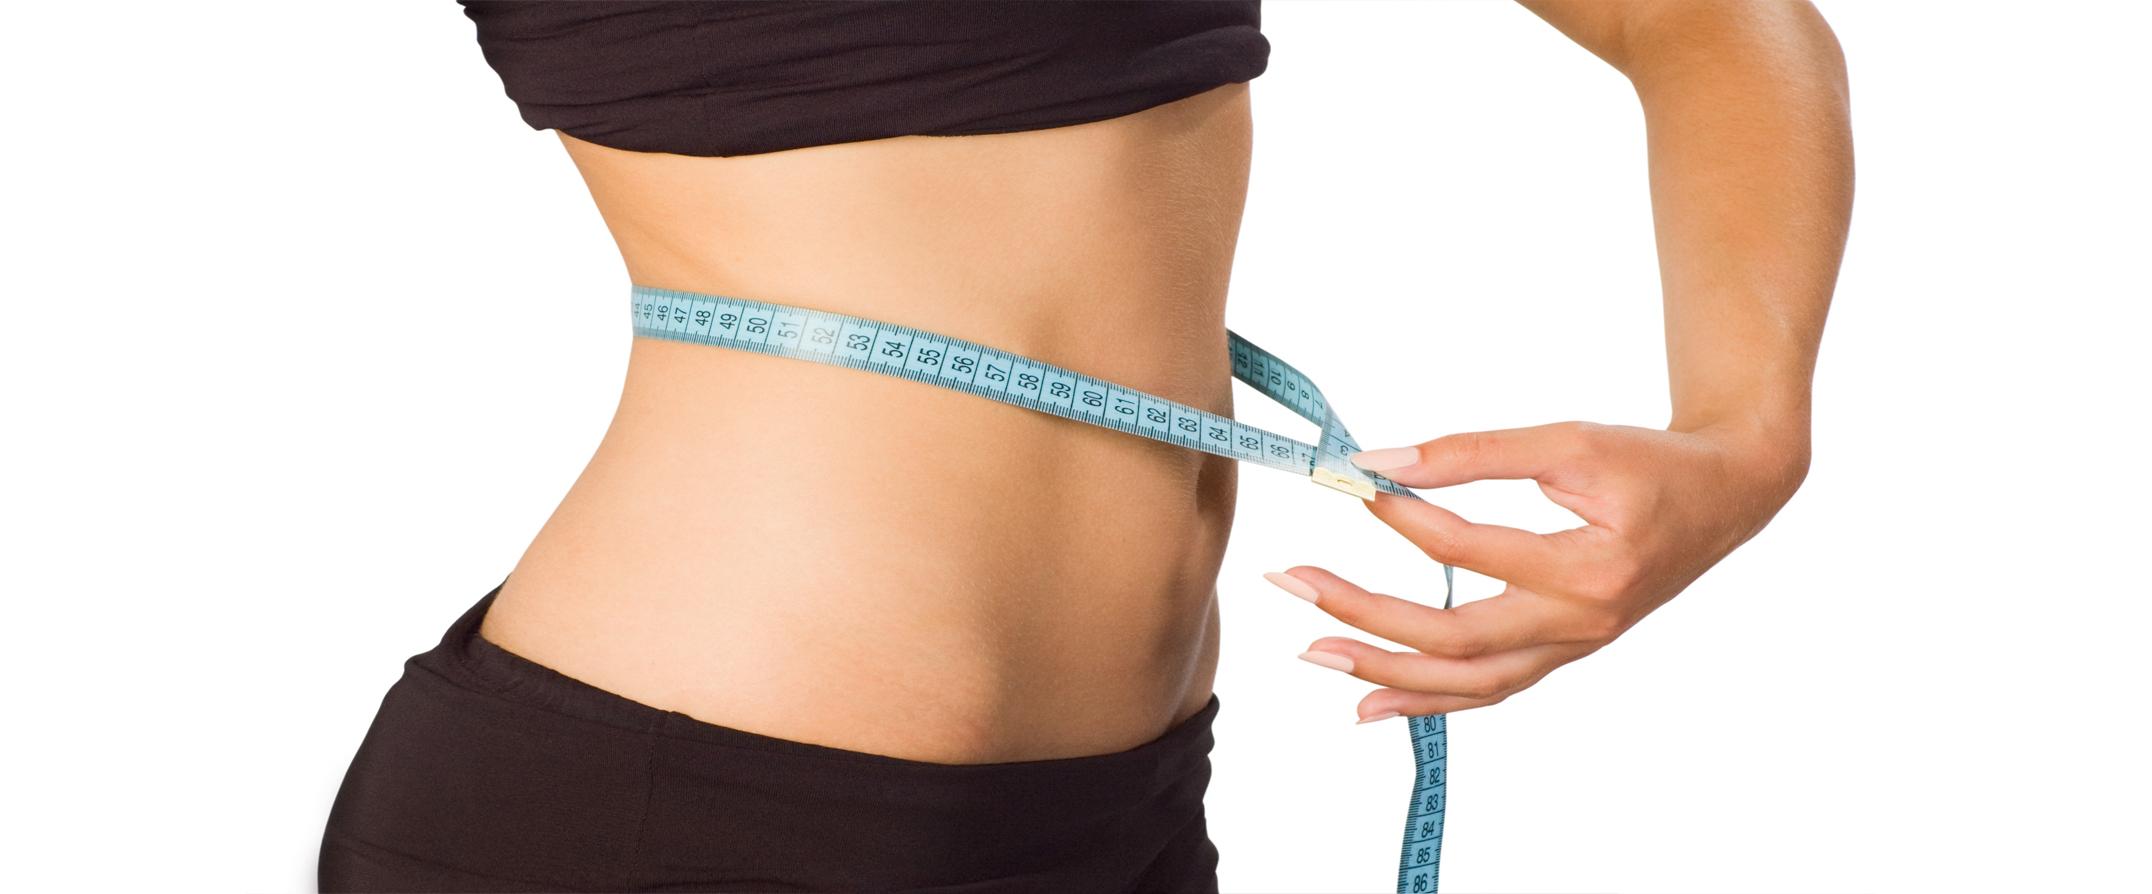 Tìm hiểu về phương pháp hút mỡ bụng không phẫu thuật Laser Lipo